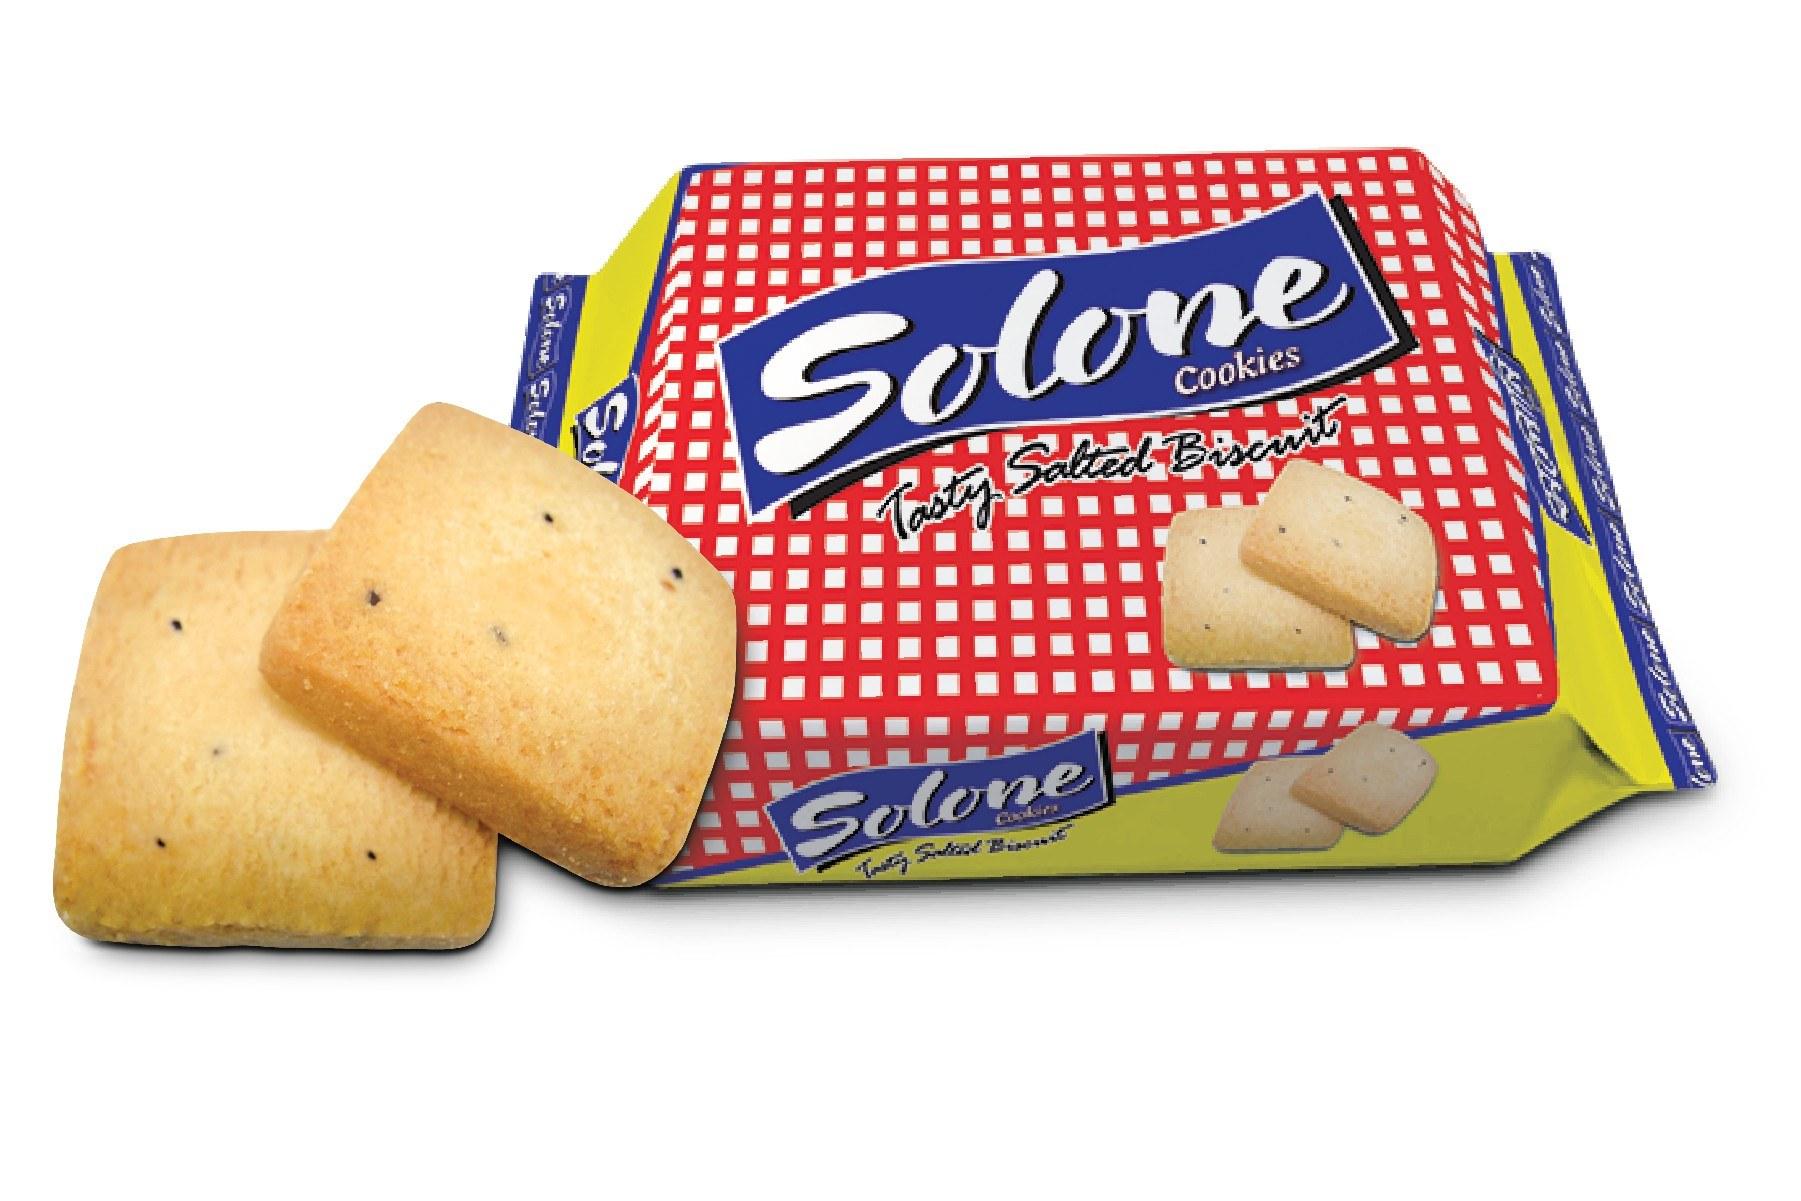 Dekko Solone Cookies 345 gm